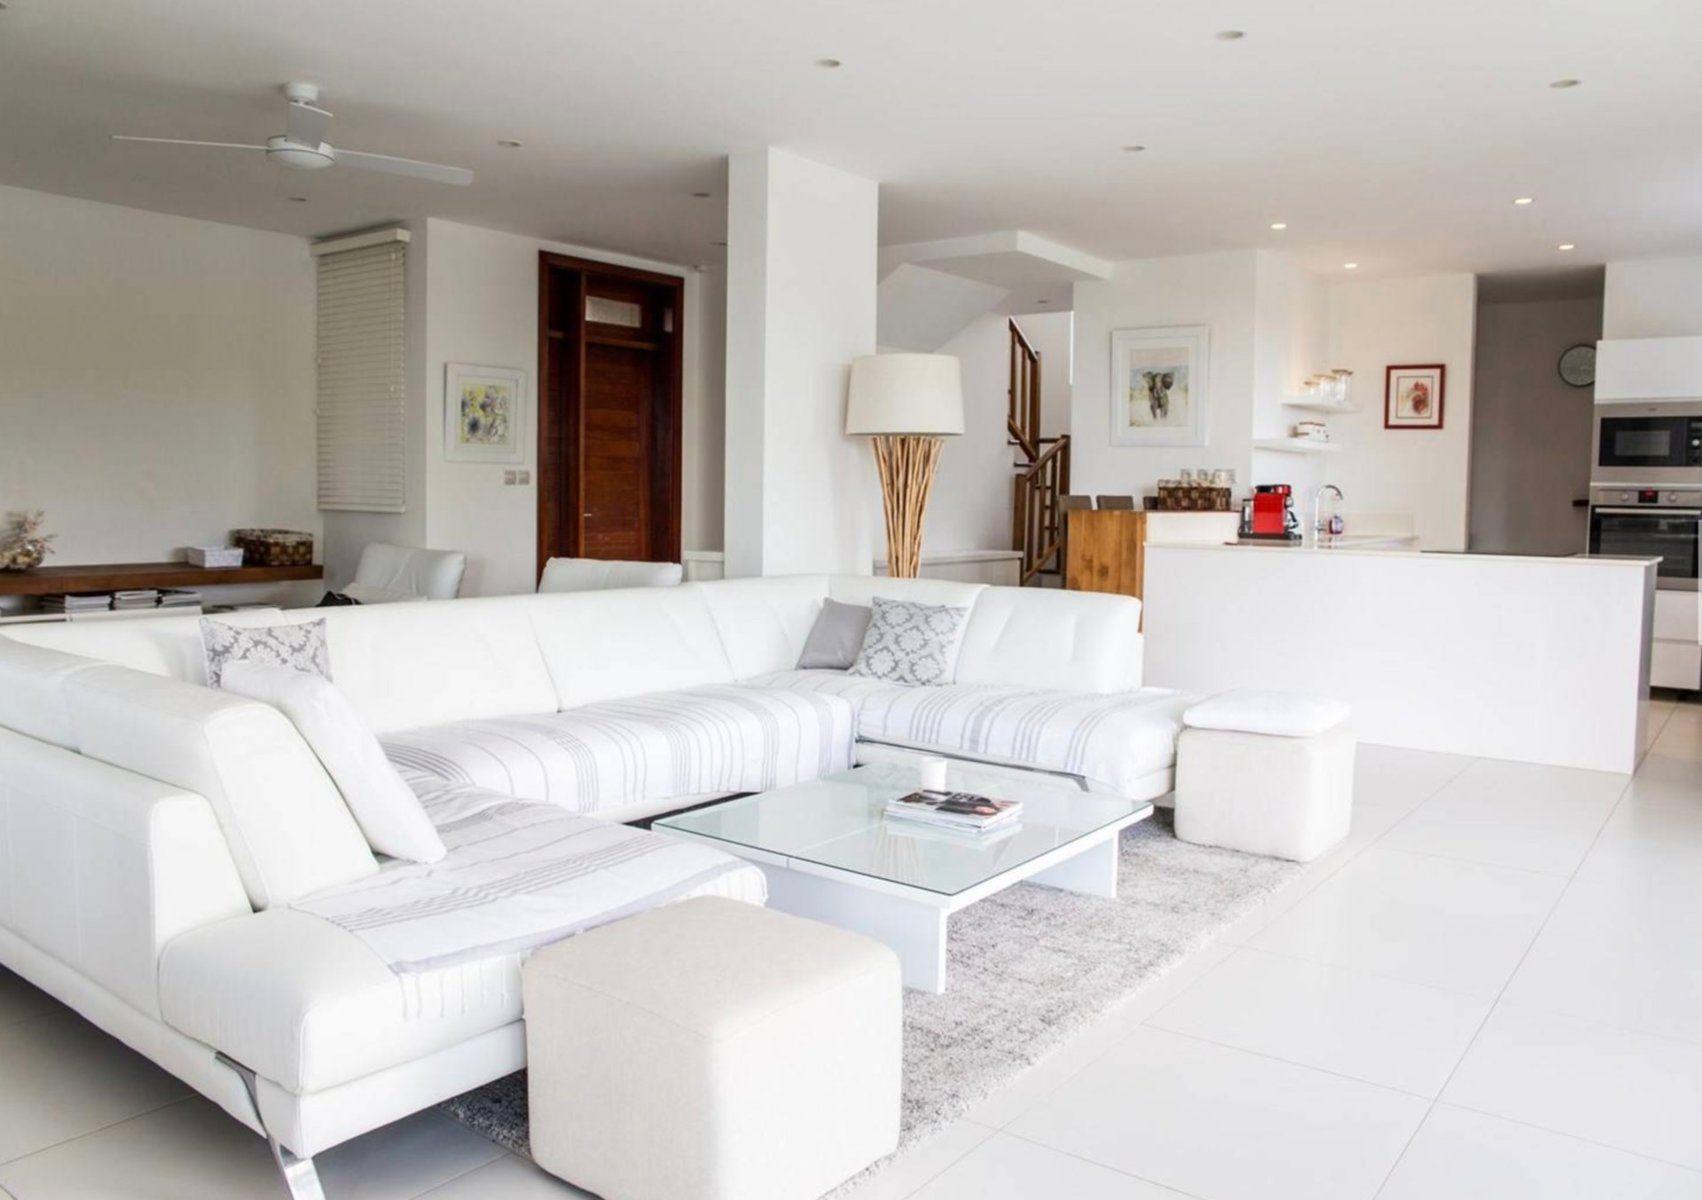 Maison à vendre 4 240m2 à Ile Maurice vignette-3